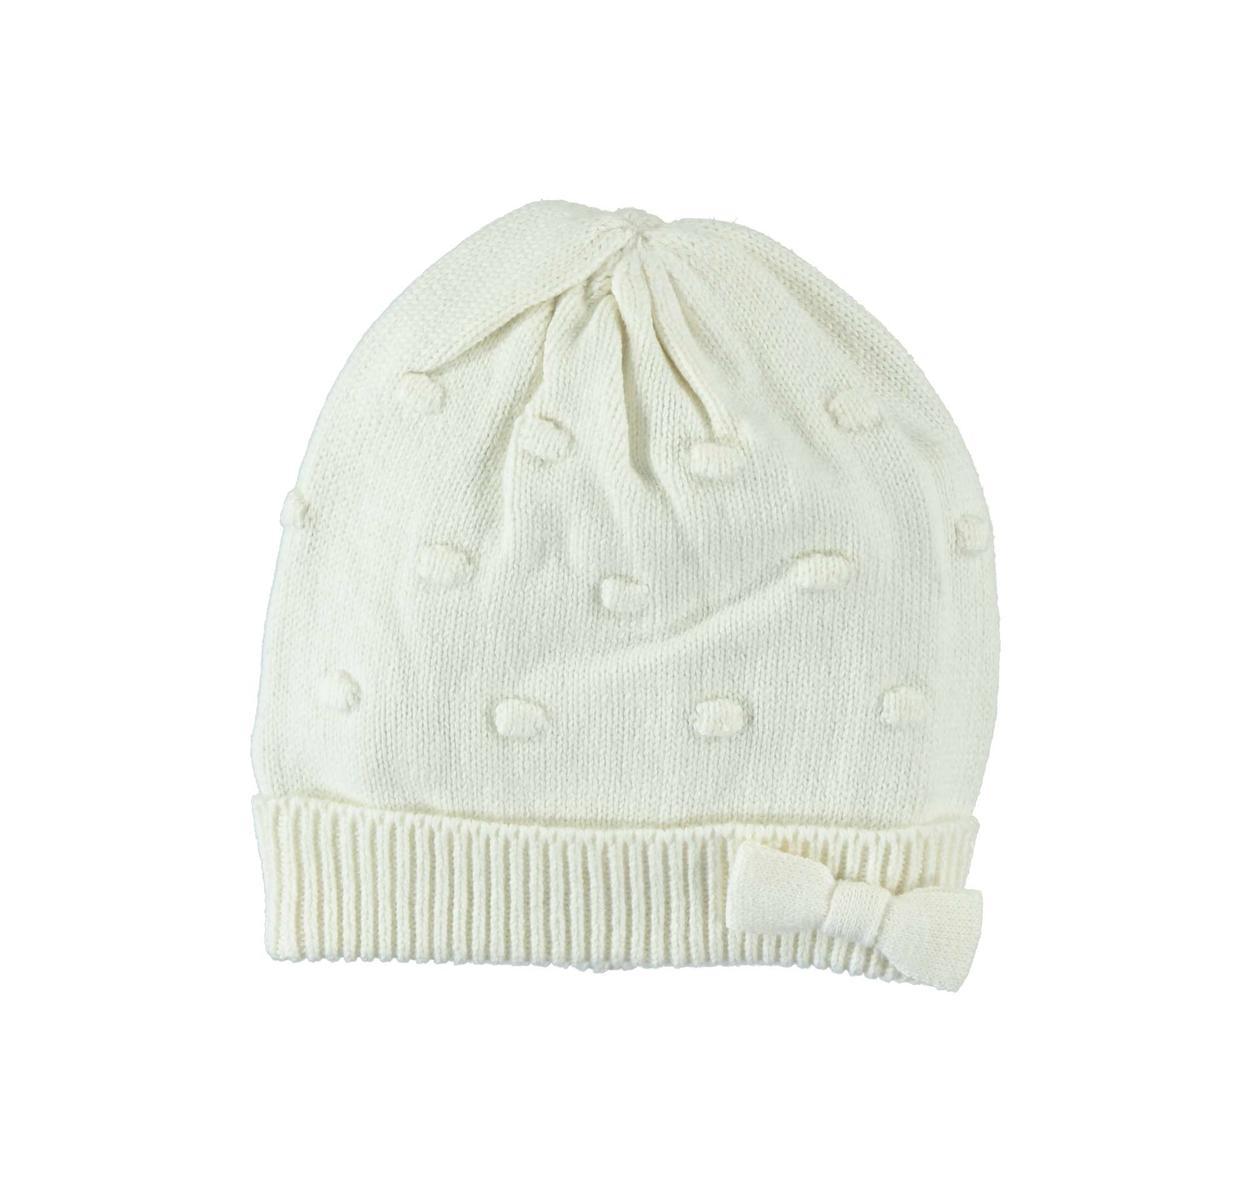 Cappellino in tricot misto cotone e lana per bambina da 0 a 18 mesi ... 6fae633225b9